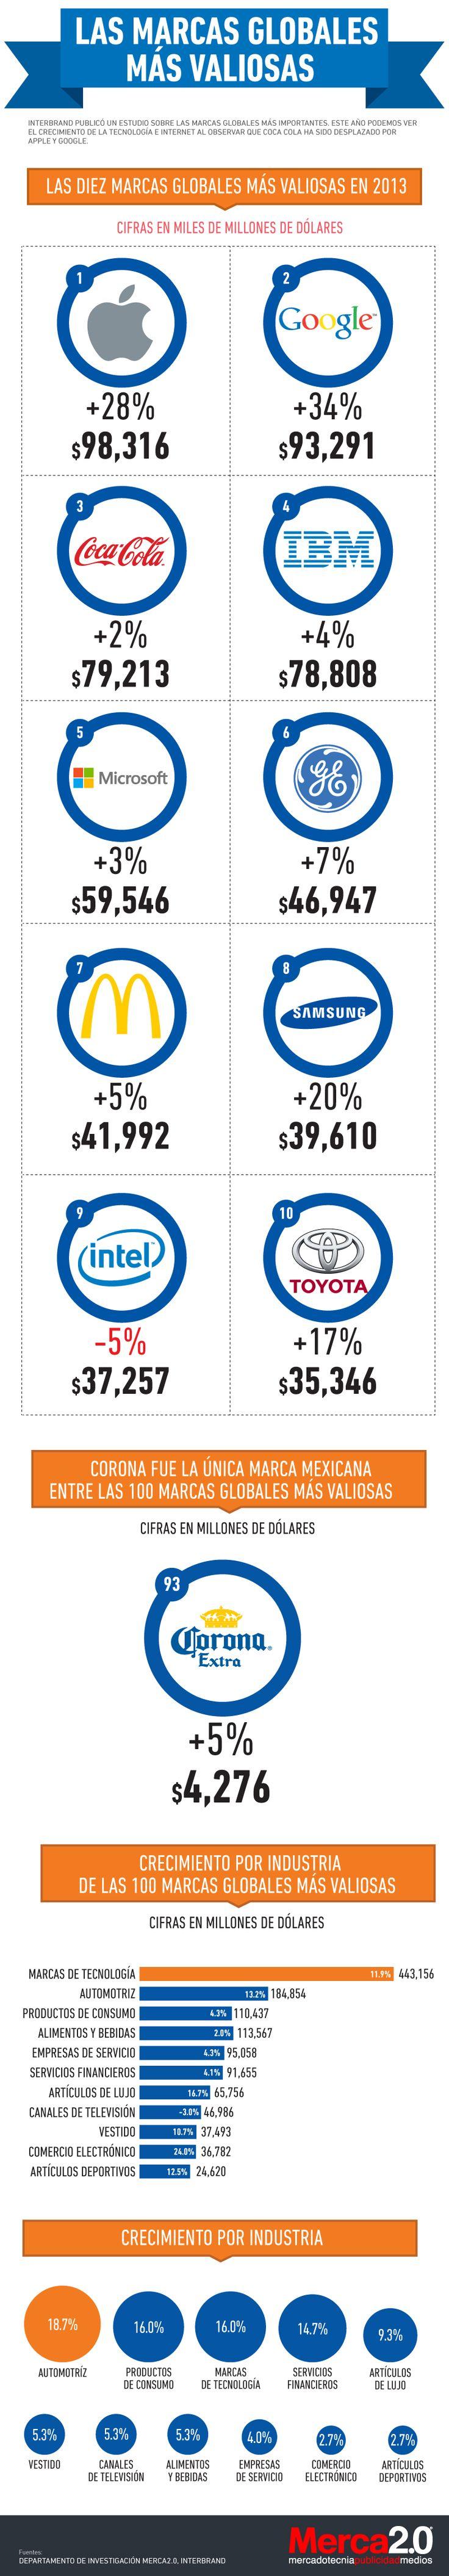 Las marcas globales más valiosas #infografia